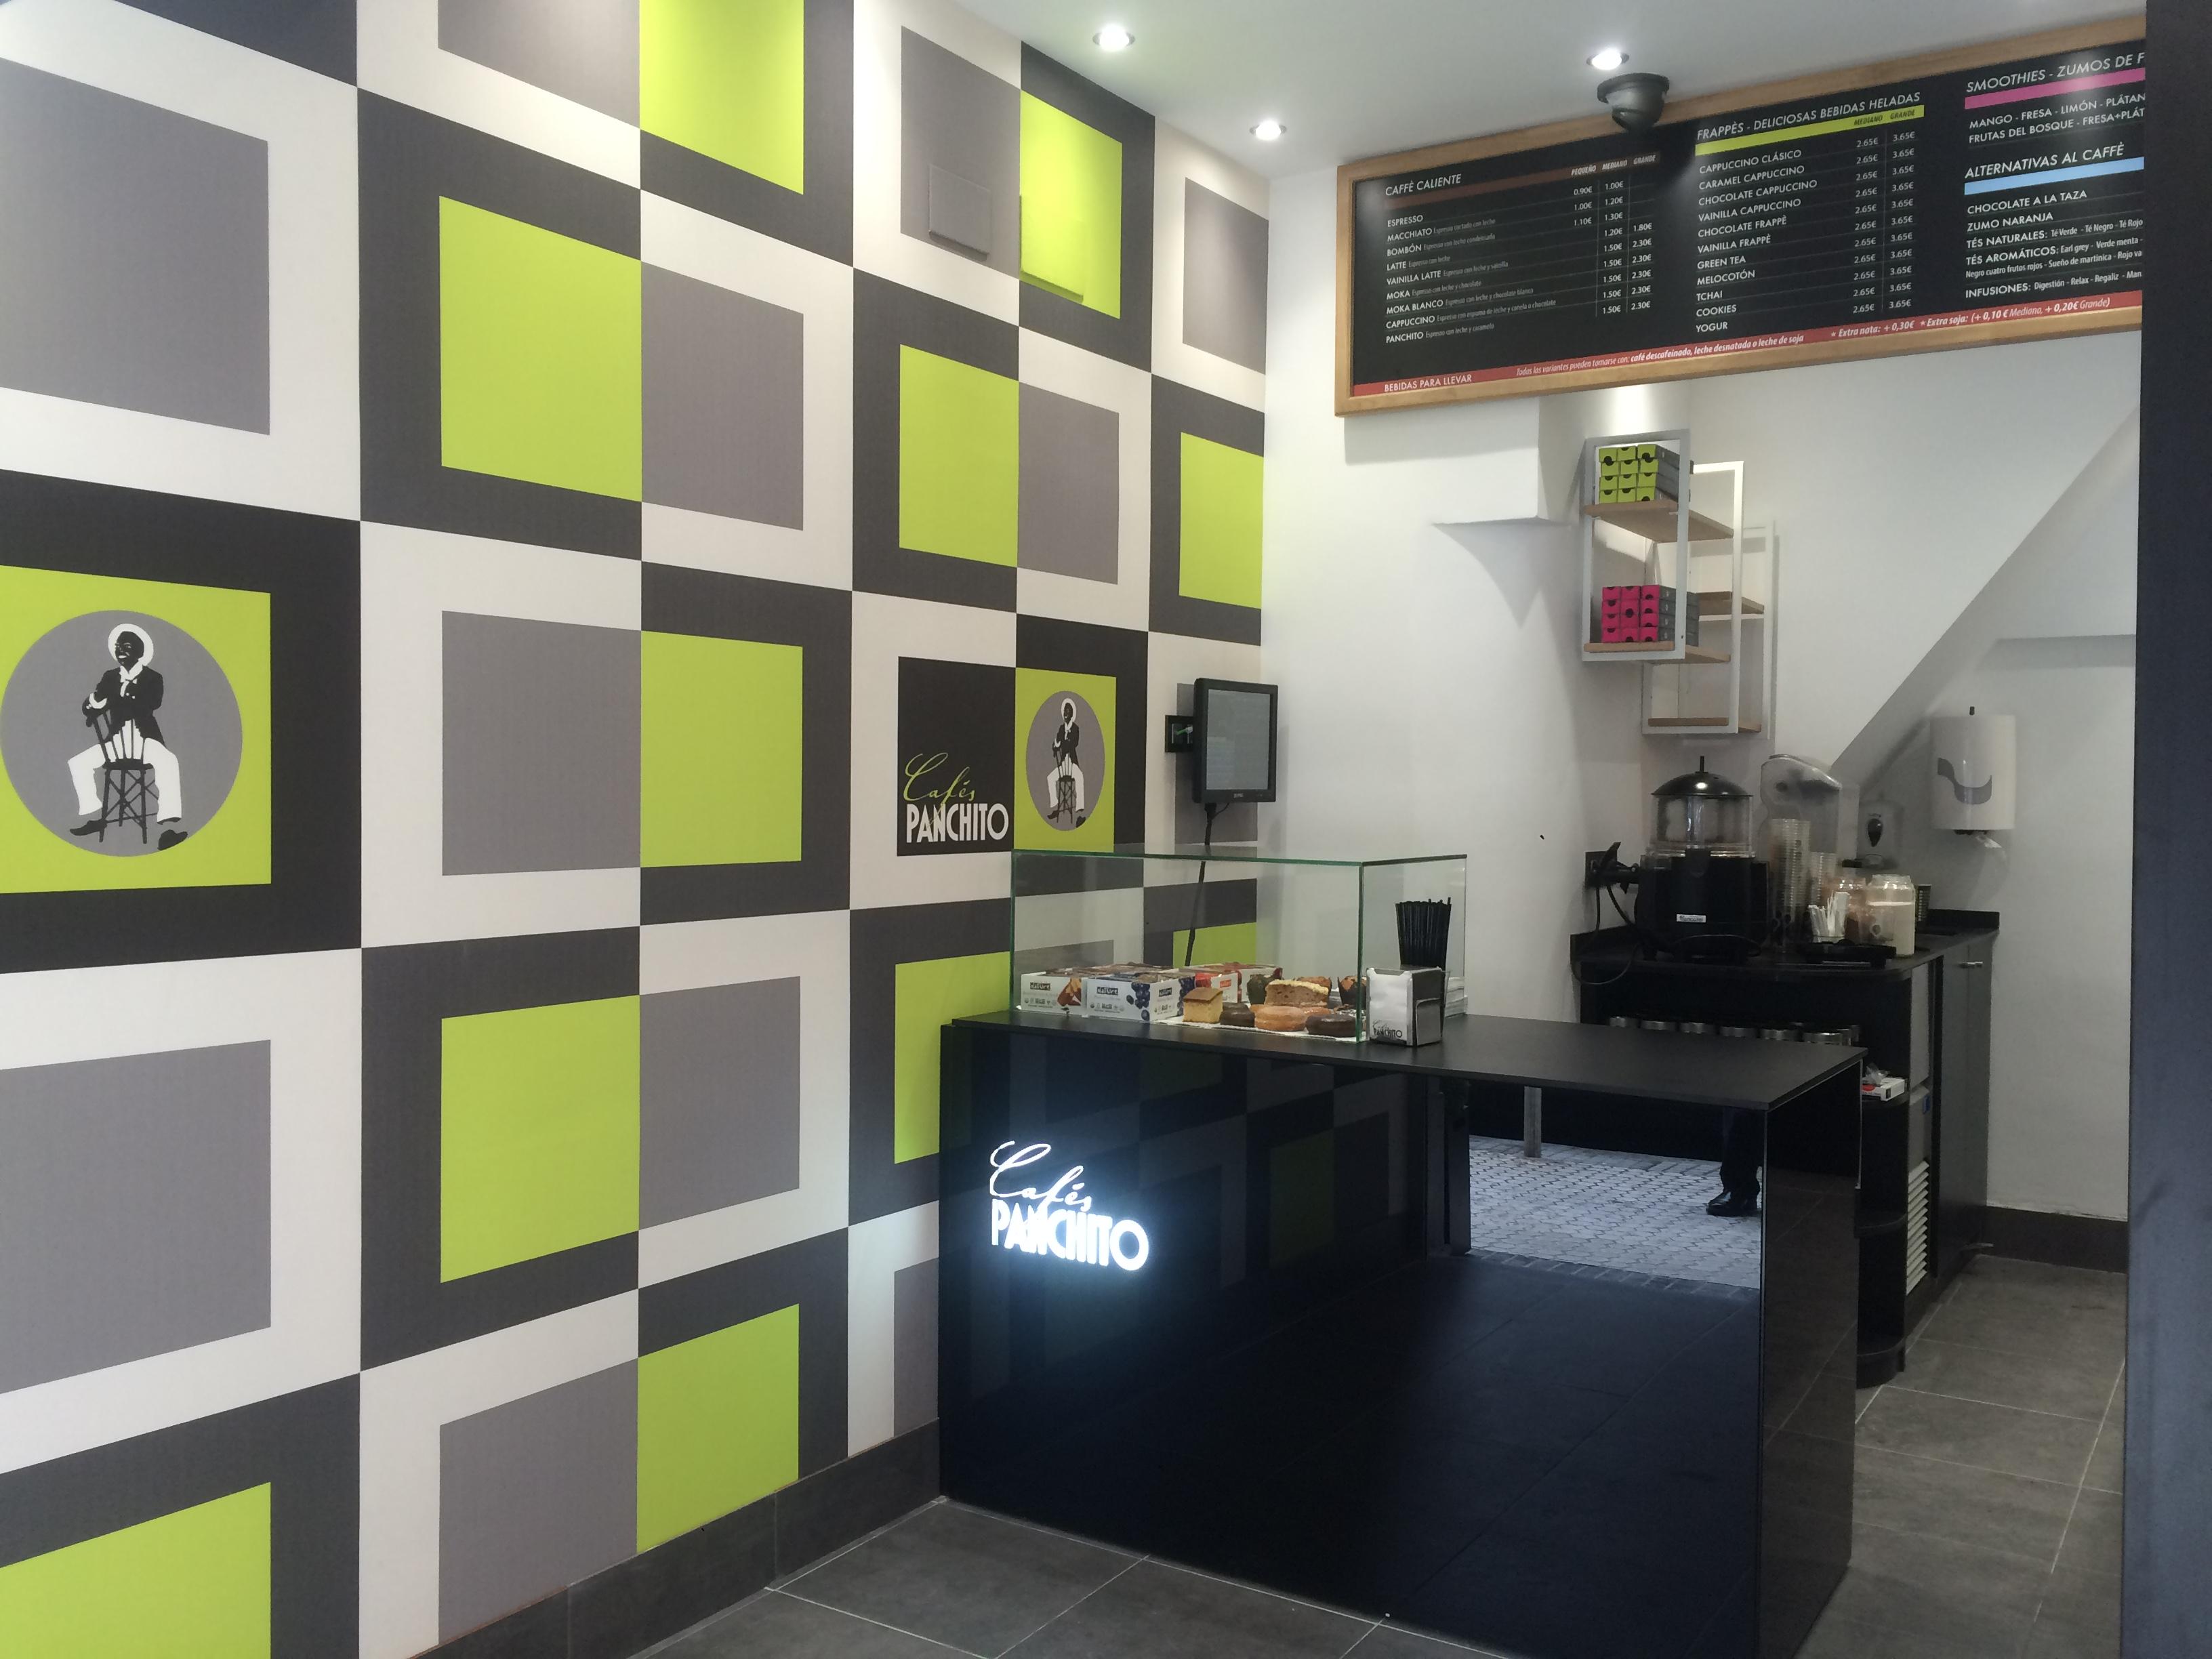 CAFES PANCHITO inaugura un nuevo establecimiento en su ciudad